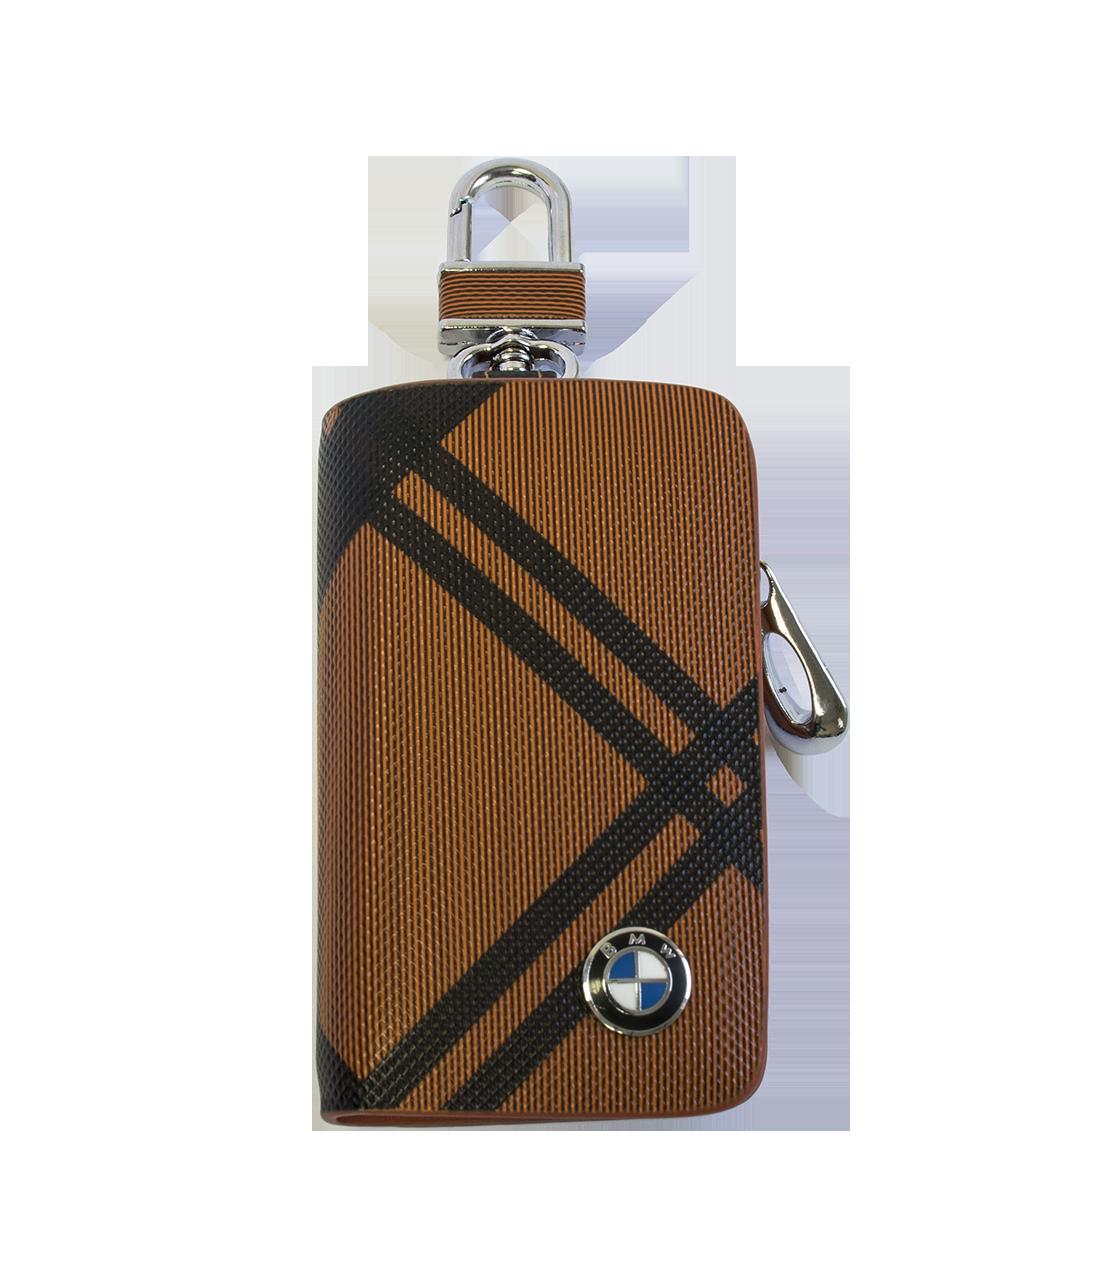 Ключниця Carss з логотипом BMW 12014 карбон коричневий